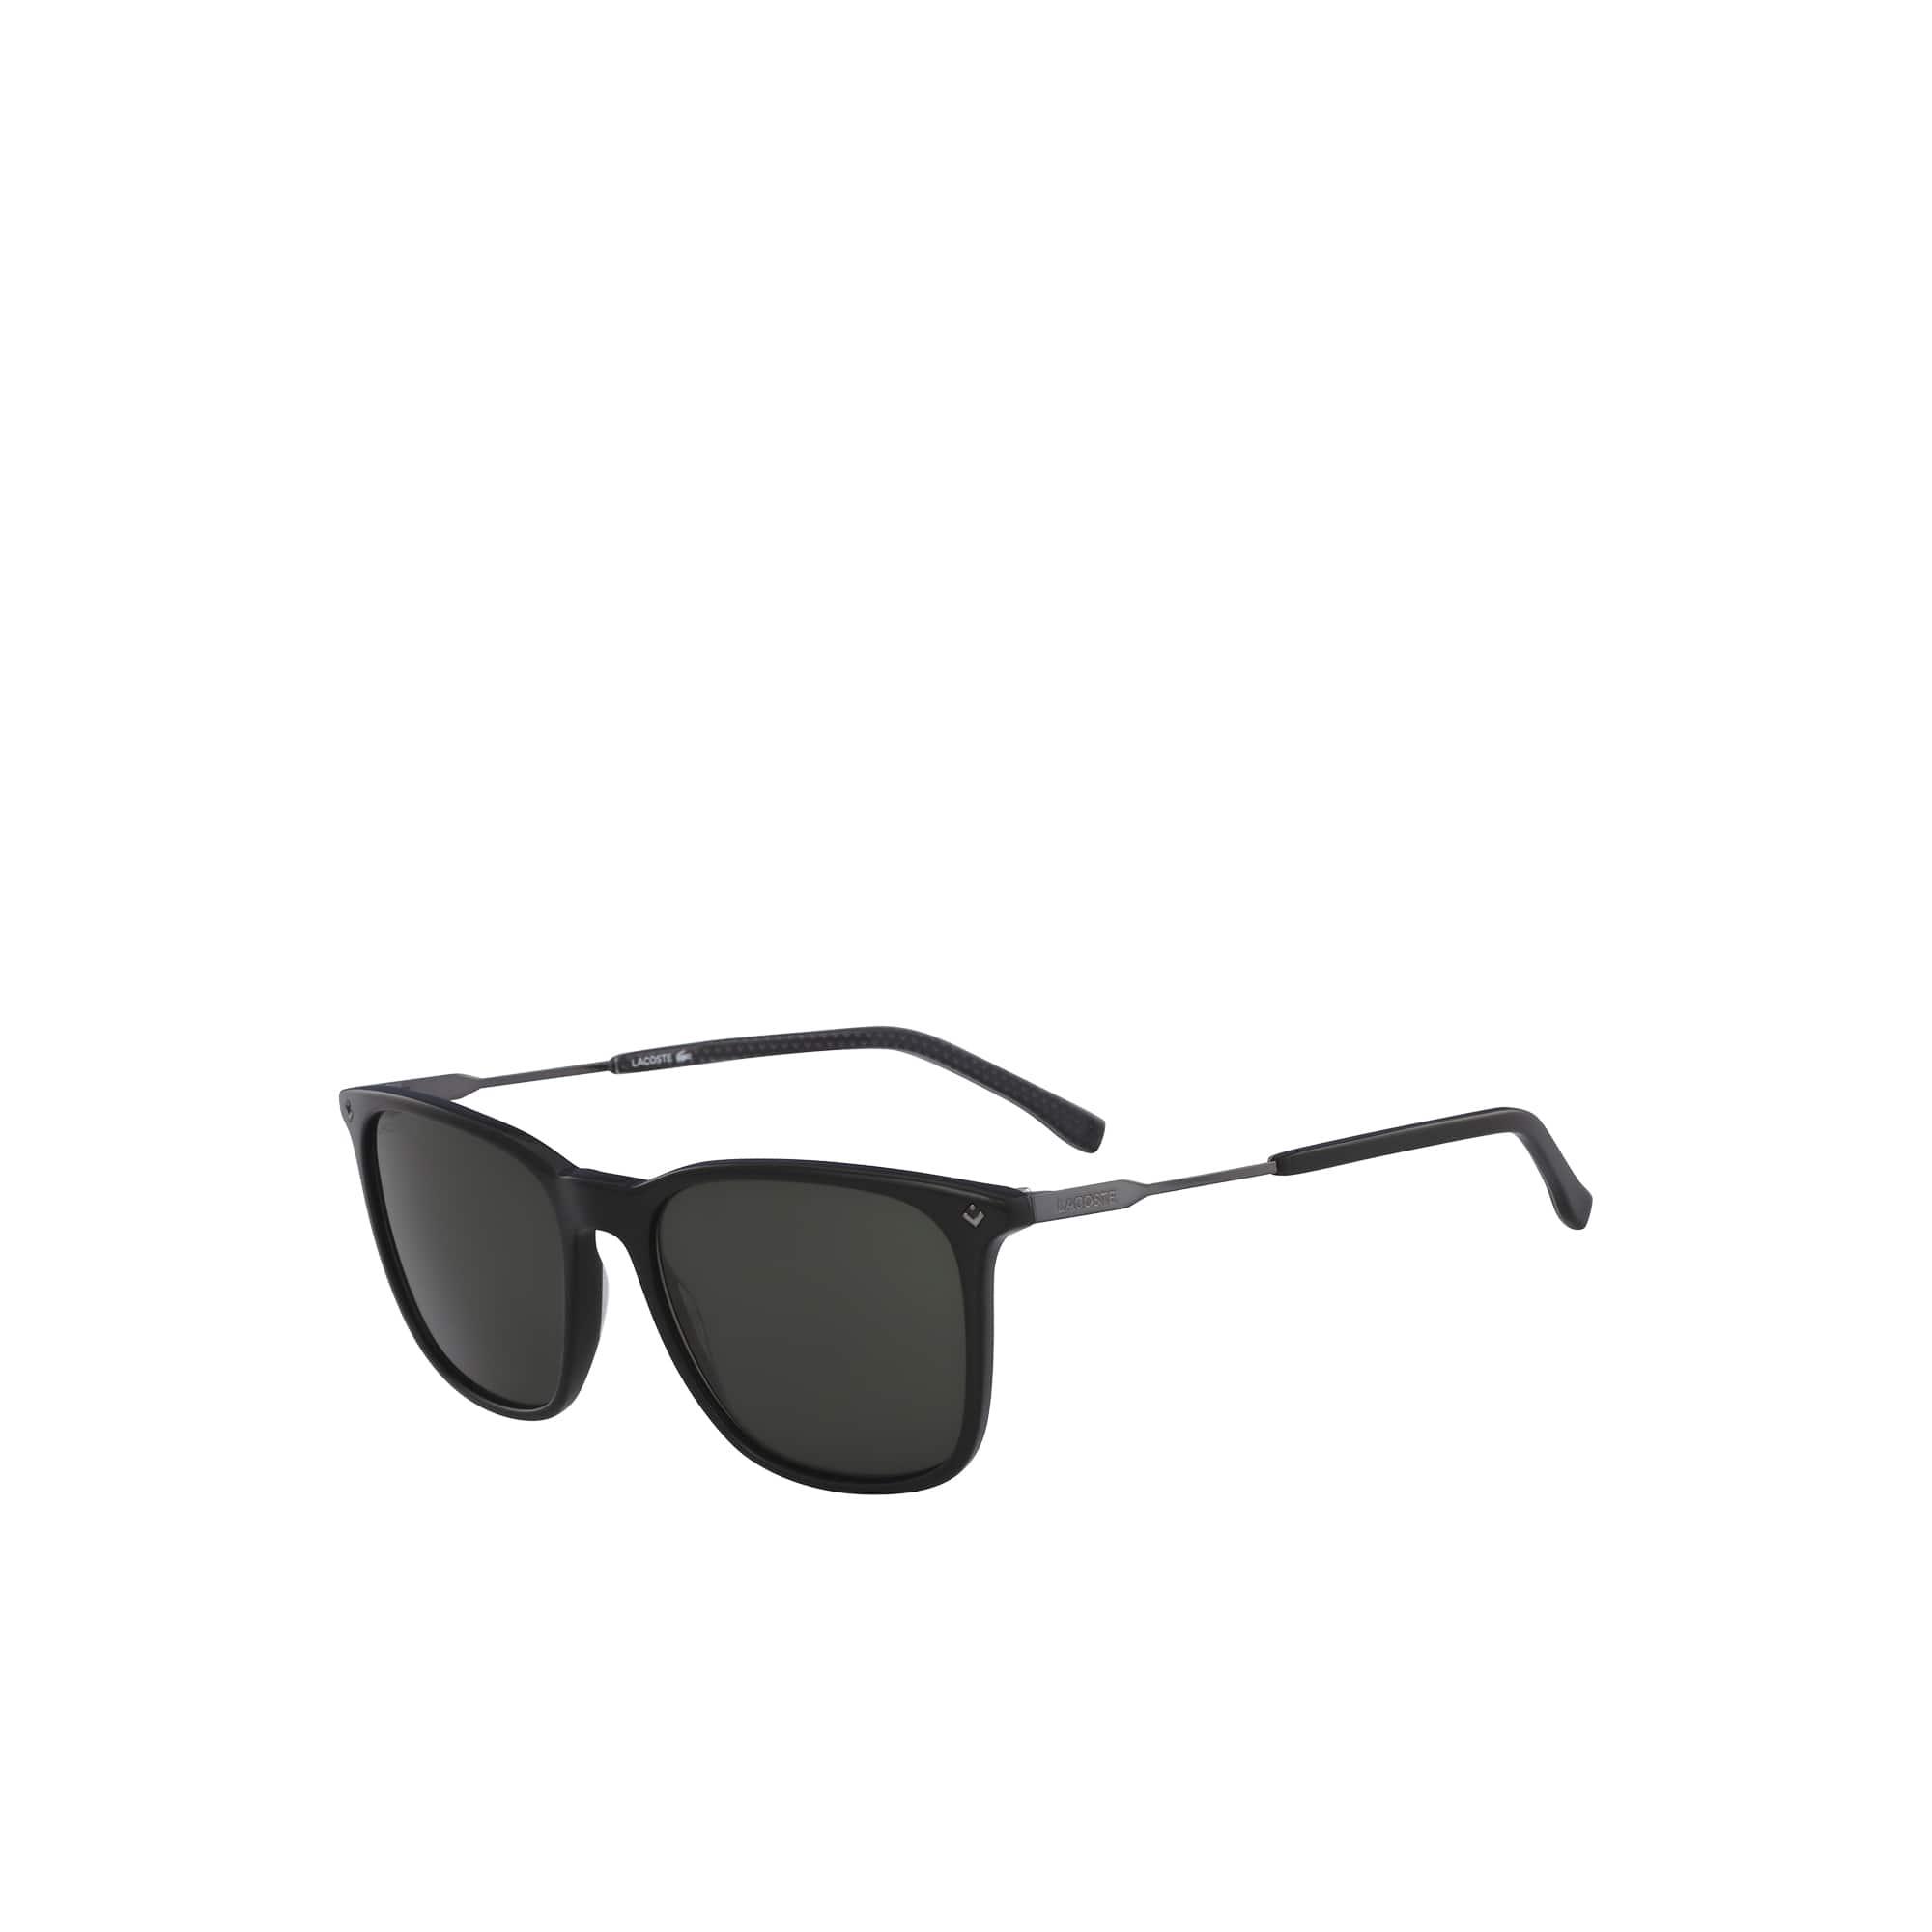 Herren Petit Piqué Sonnenbrille mit Acetat-/Metallrahmen